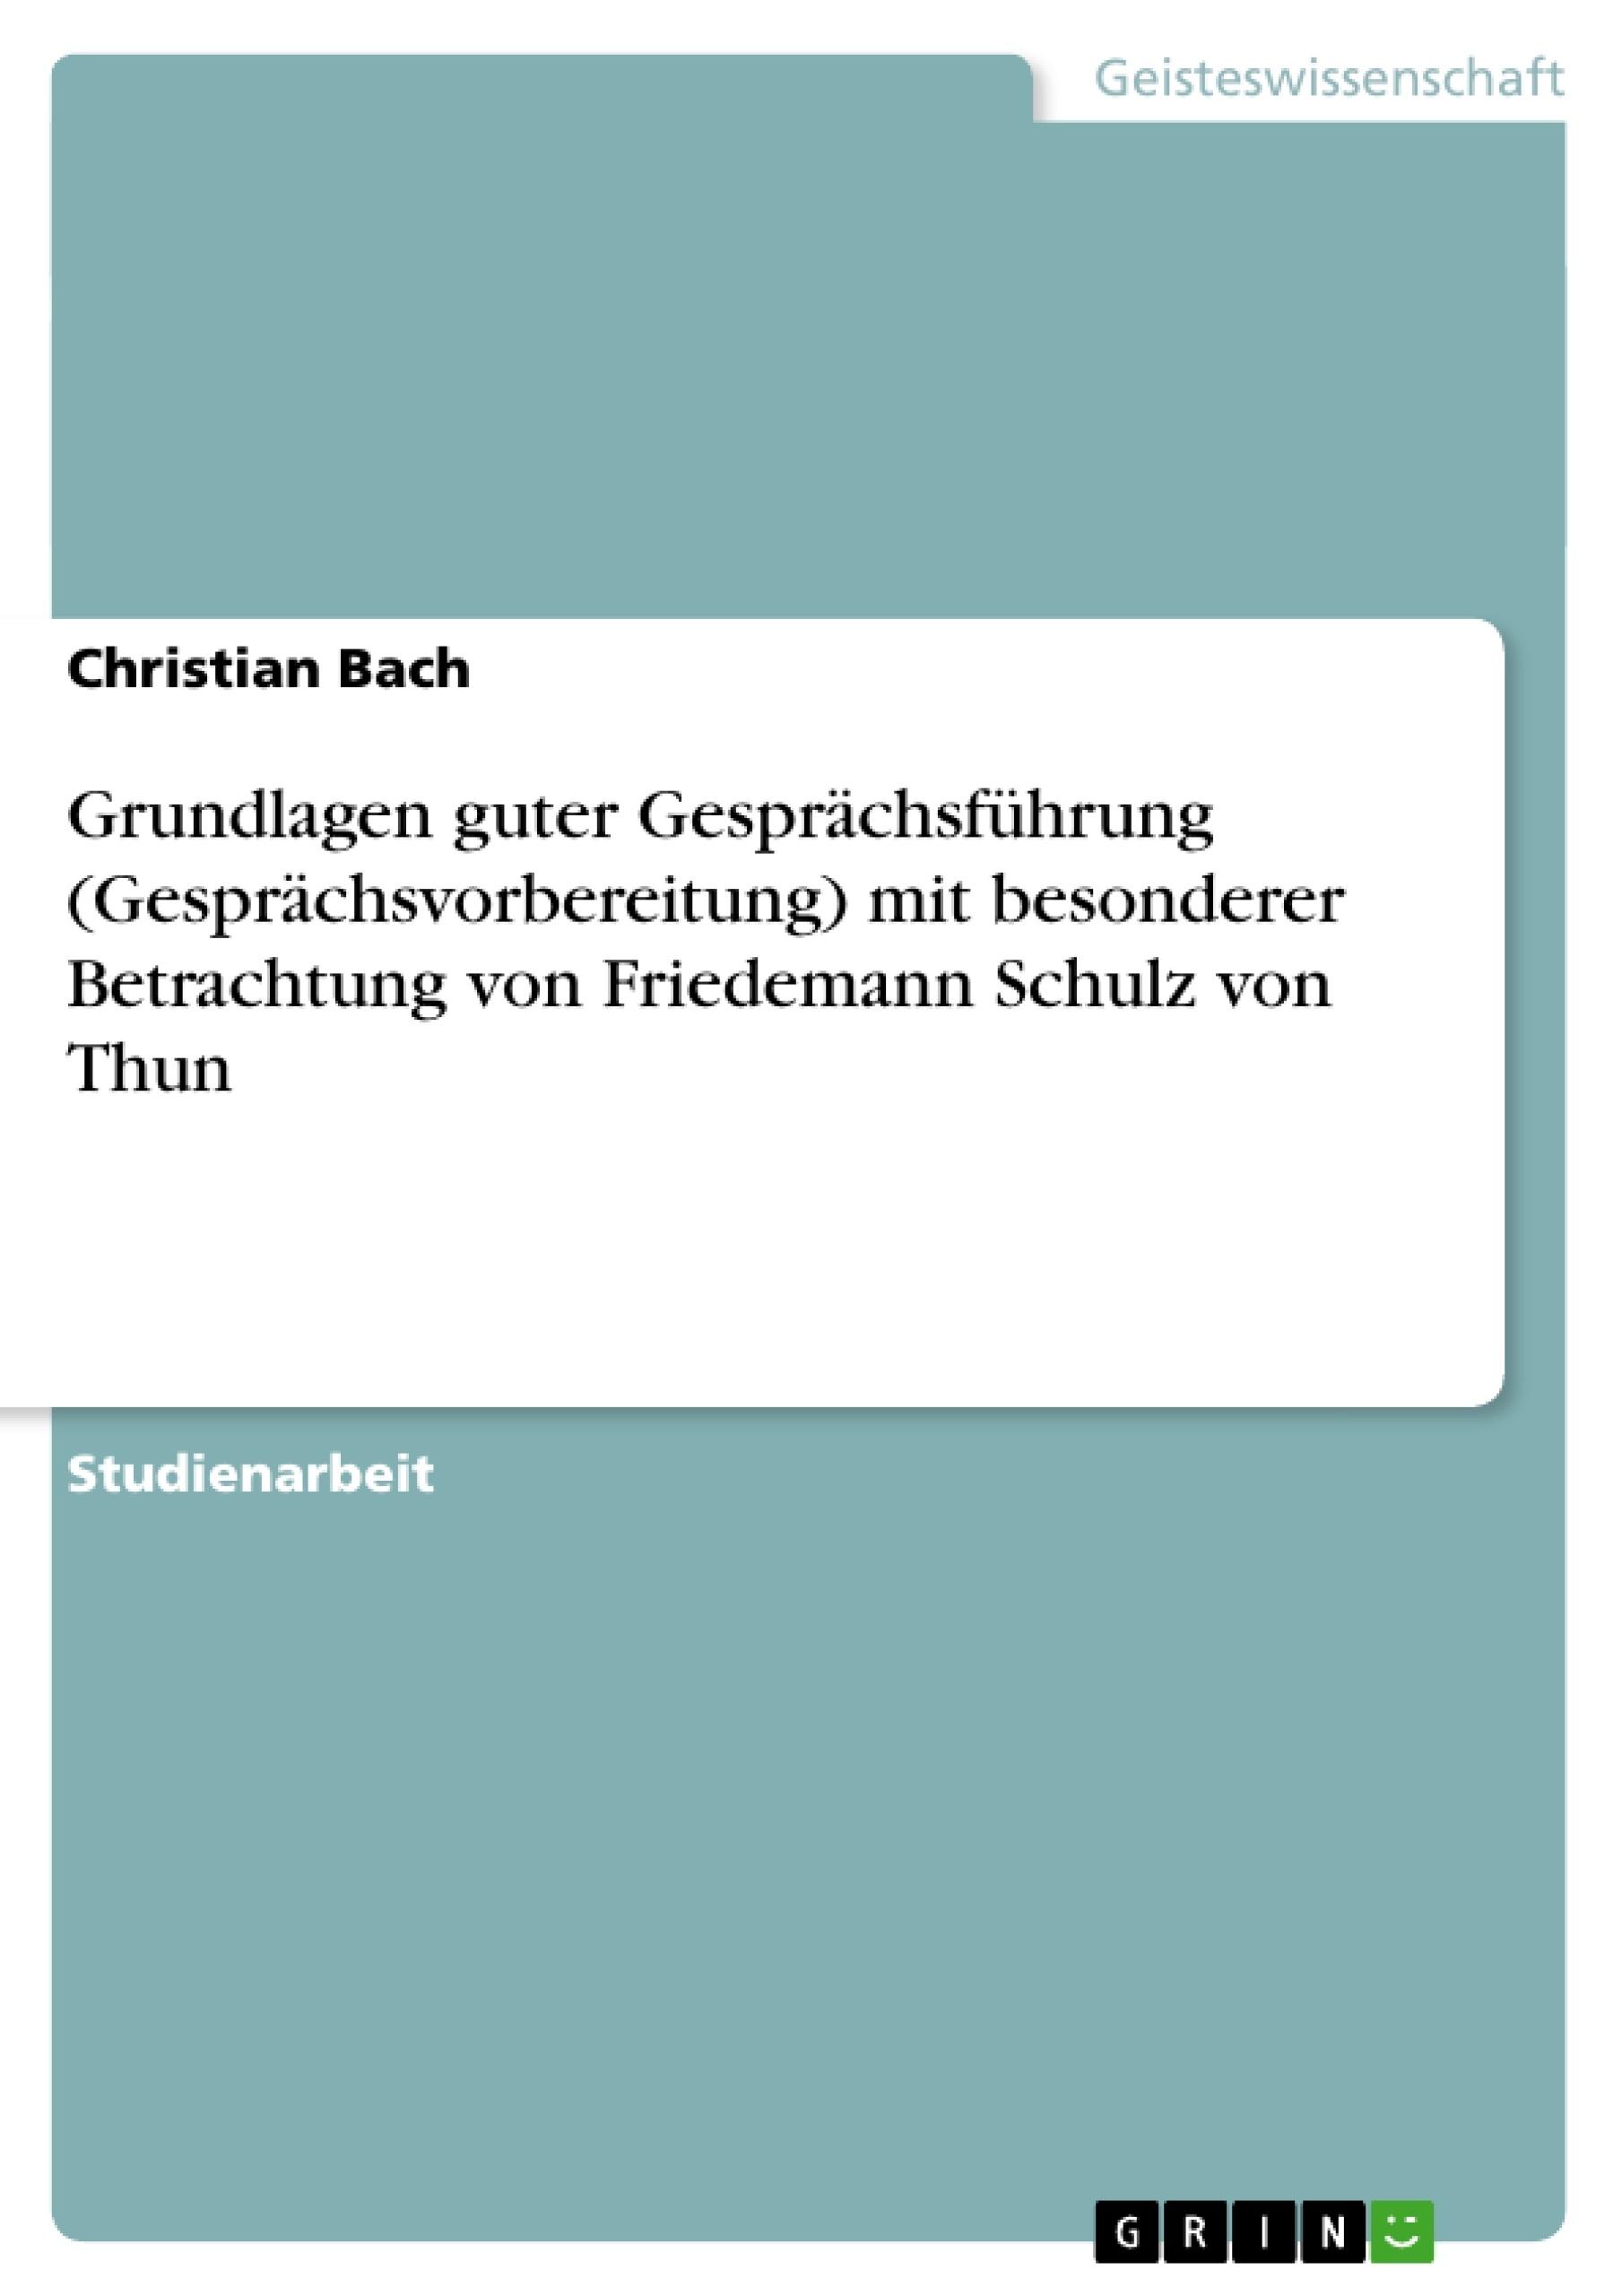 Titel: Grundlagen guter Gesprächsführung (Gesprächsvorbereitung) mit besonderer Betrachtung von Friedemann Schulz von Thun